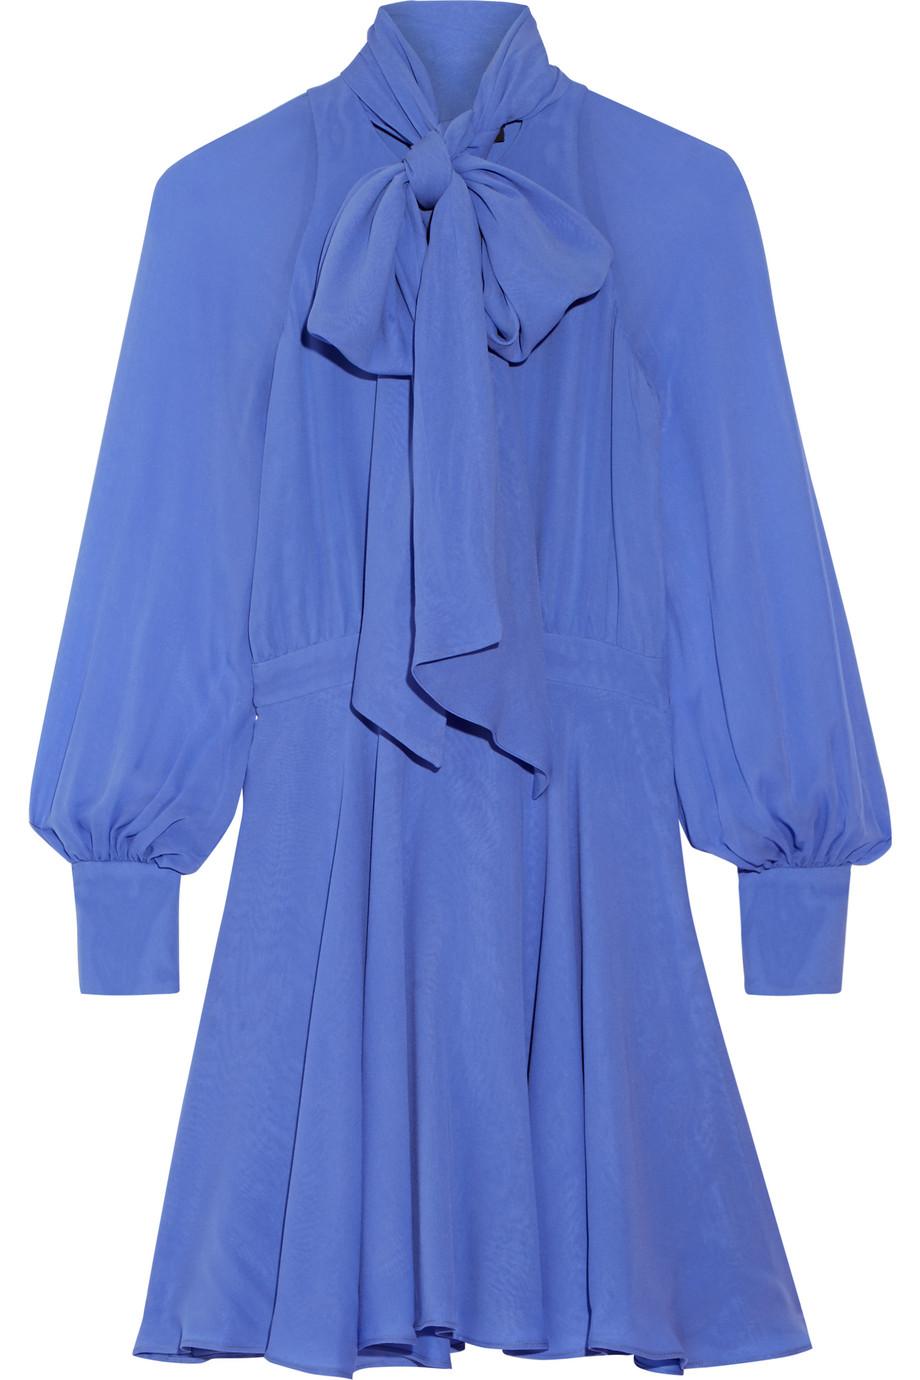 Haney Pussy-Bow Silk-Georgette Mini Dress, Blue, Women's, Size: 4